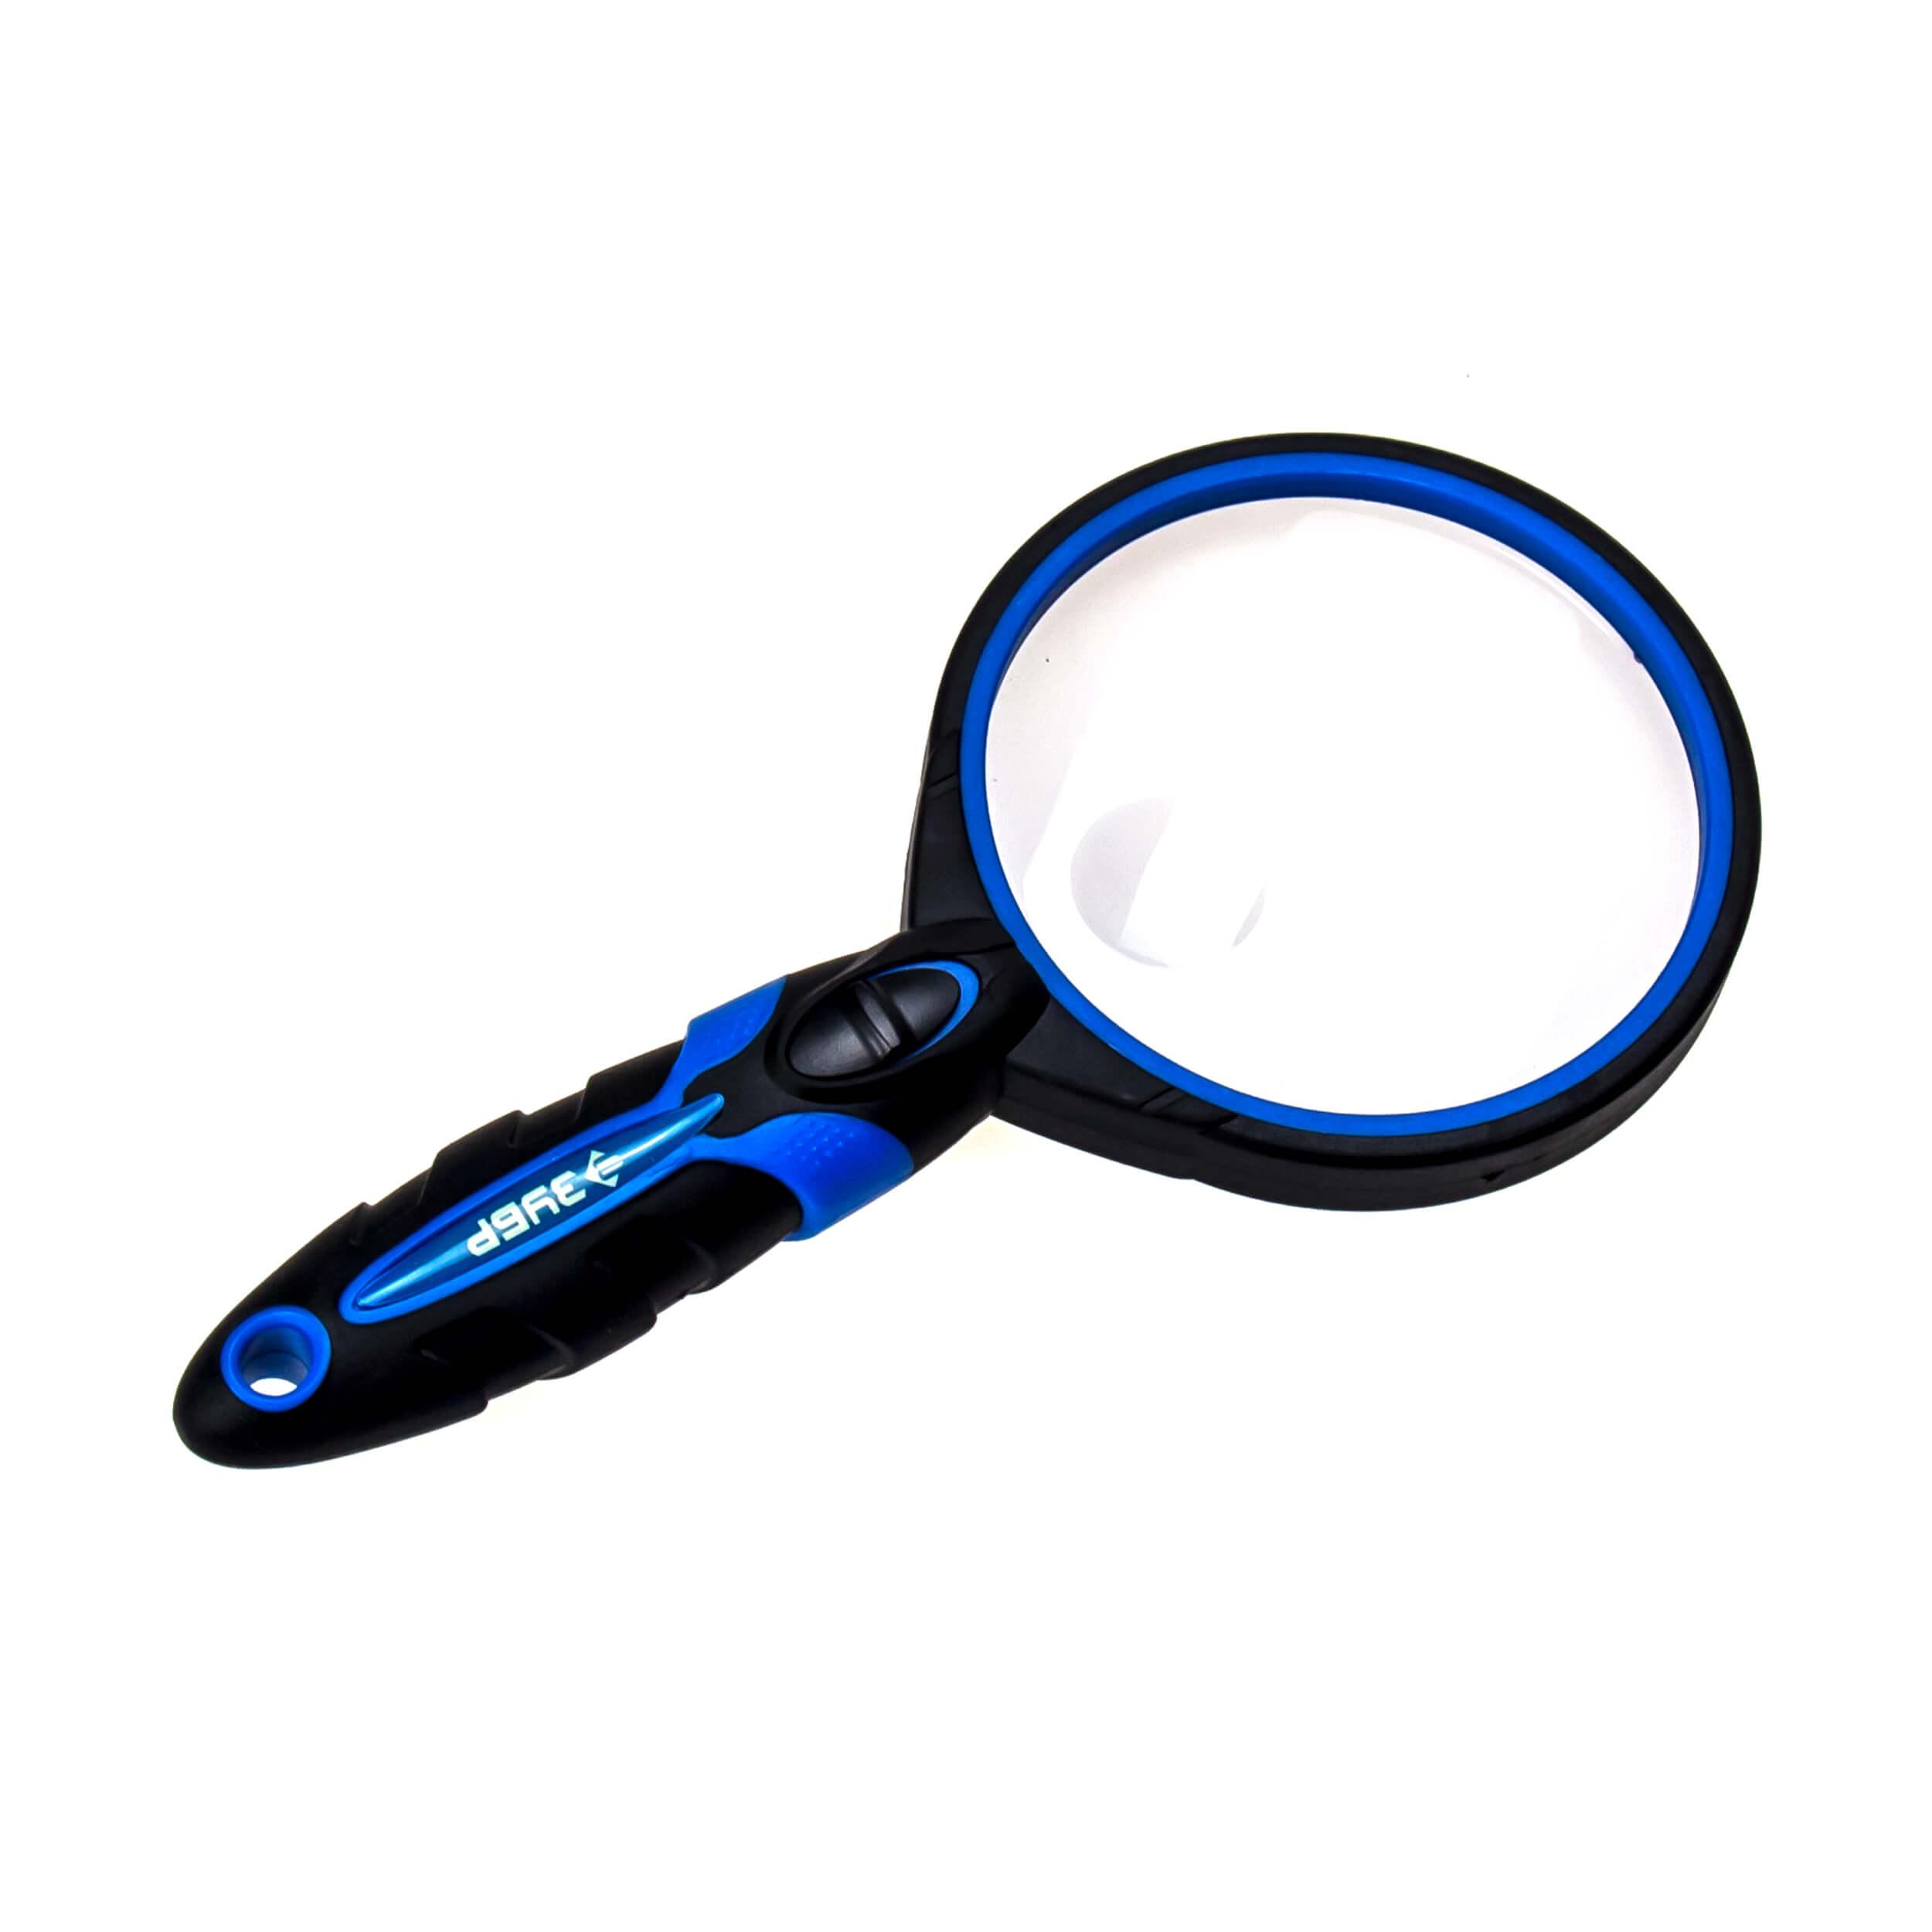 Увеличительное стекло лупа с подсветкой (Экперт, D75 мм) фото